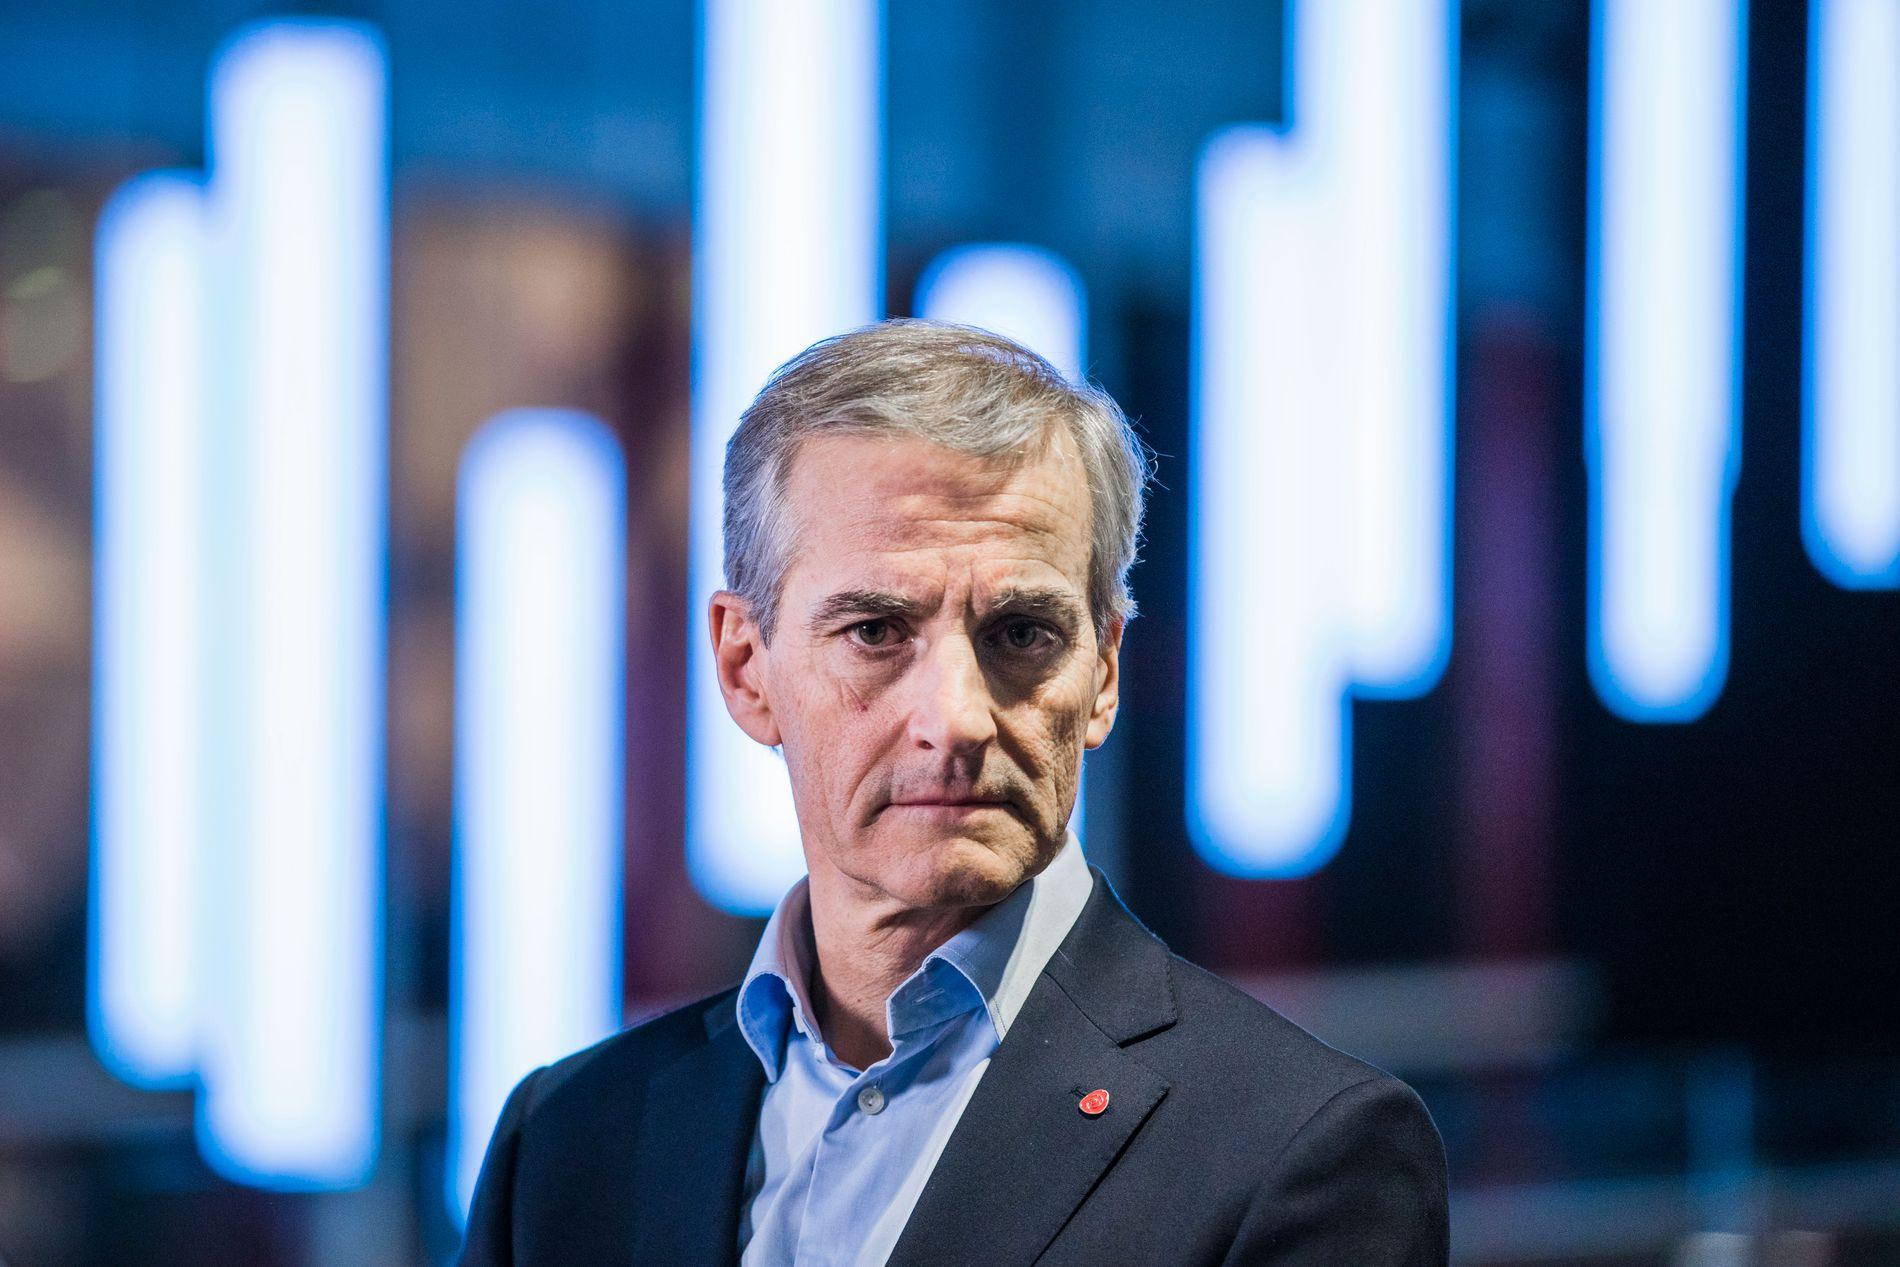 ÅPEN: Jonas Gahr Støre er åpen for at Sylvi Listhaug kan fortsette i regjeringen.